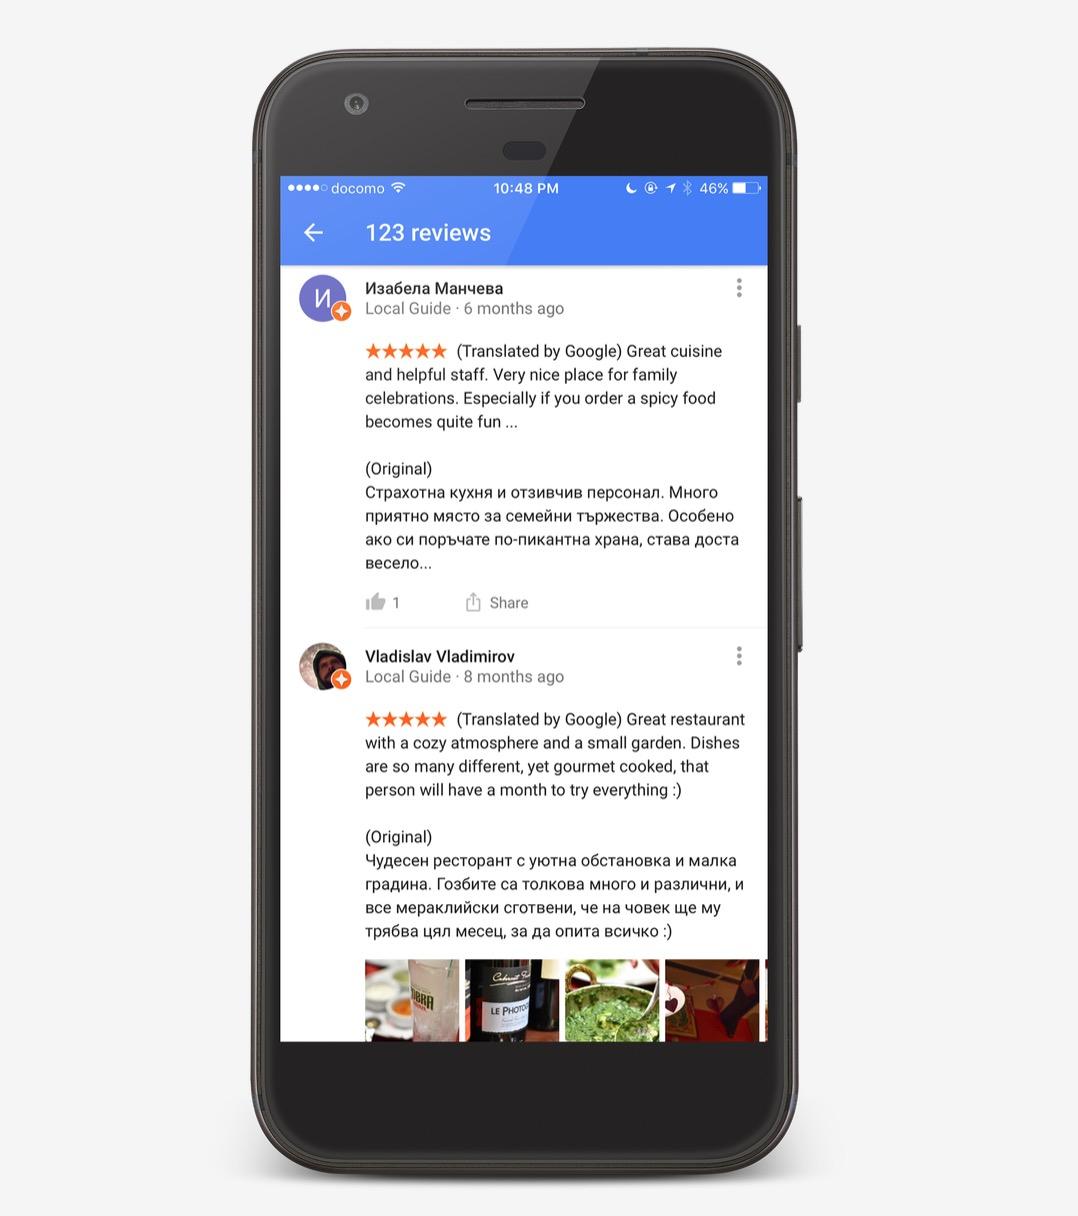 Google добавила в Maps автоматический перевод отзывов и мест на язык пользователя